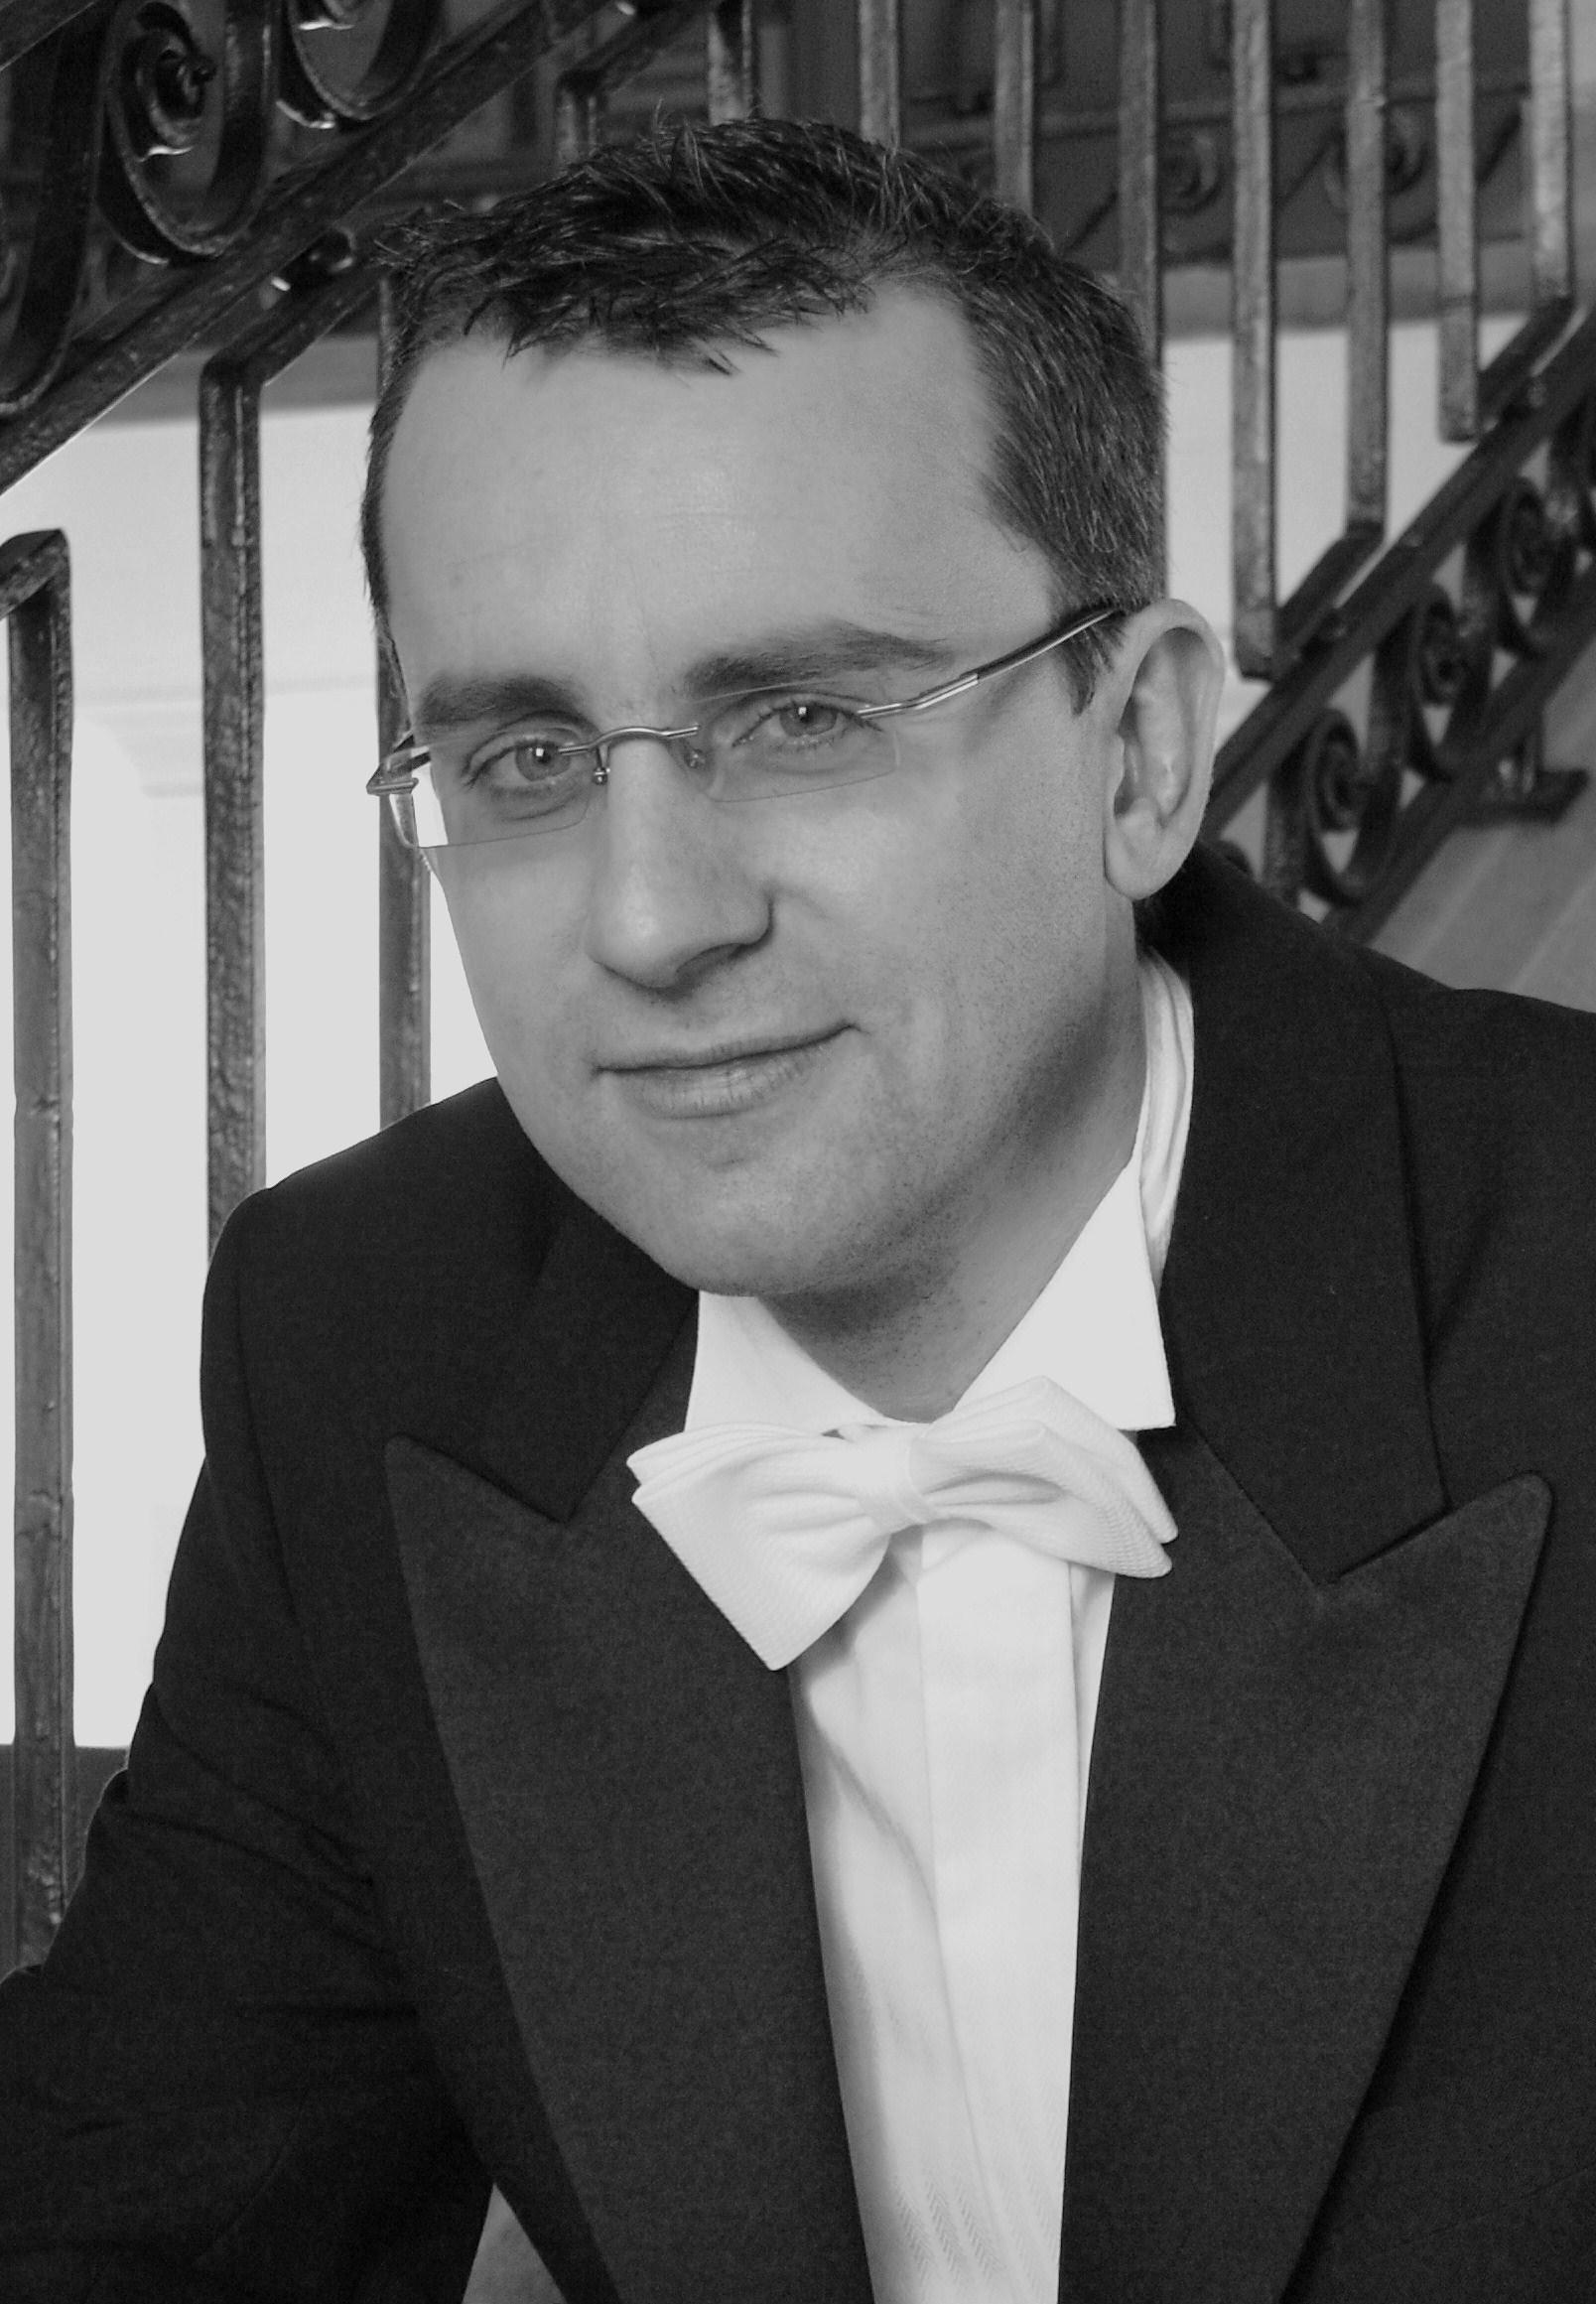 Johannes G. Schmidt, Bassbariton (2010)